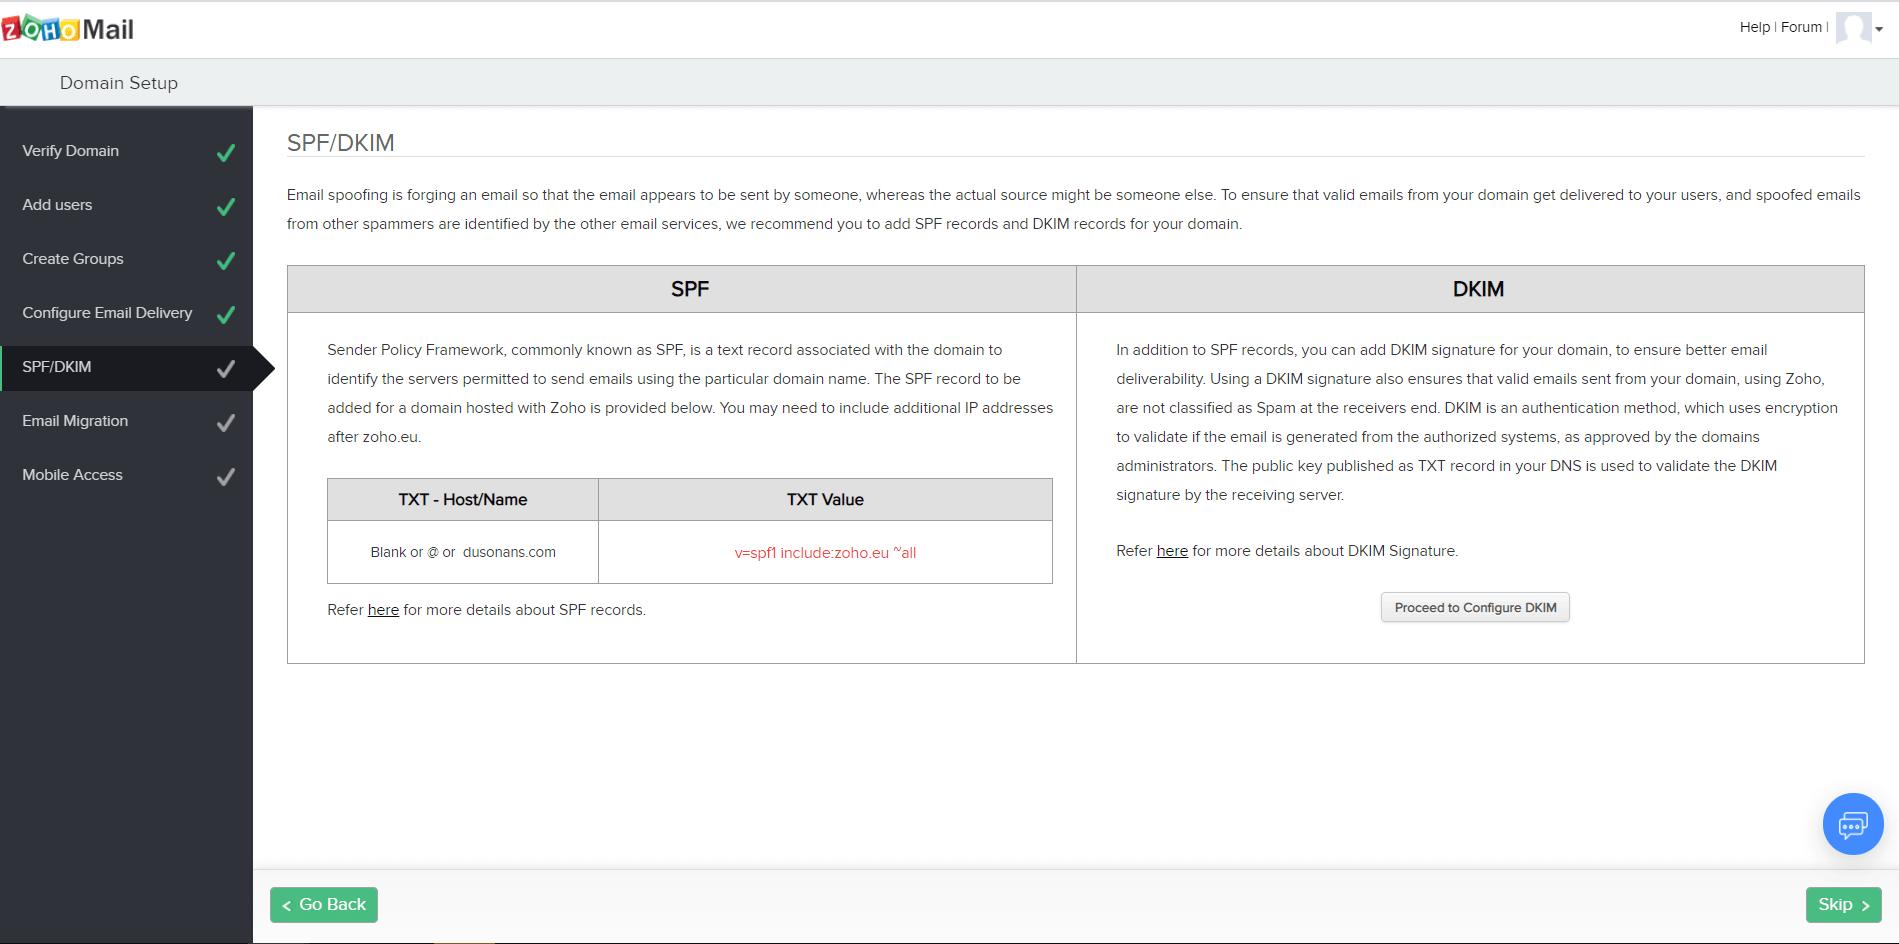 Как создать почтовый ящик на своем домене. Страница со значениями записей SPF и DKIM.